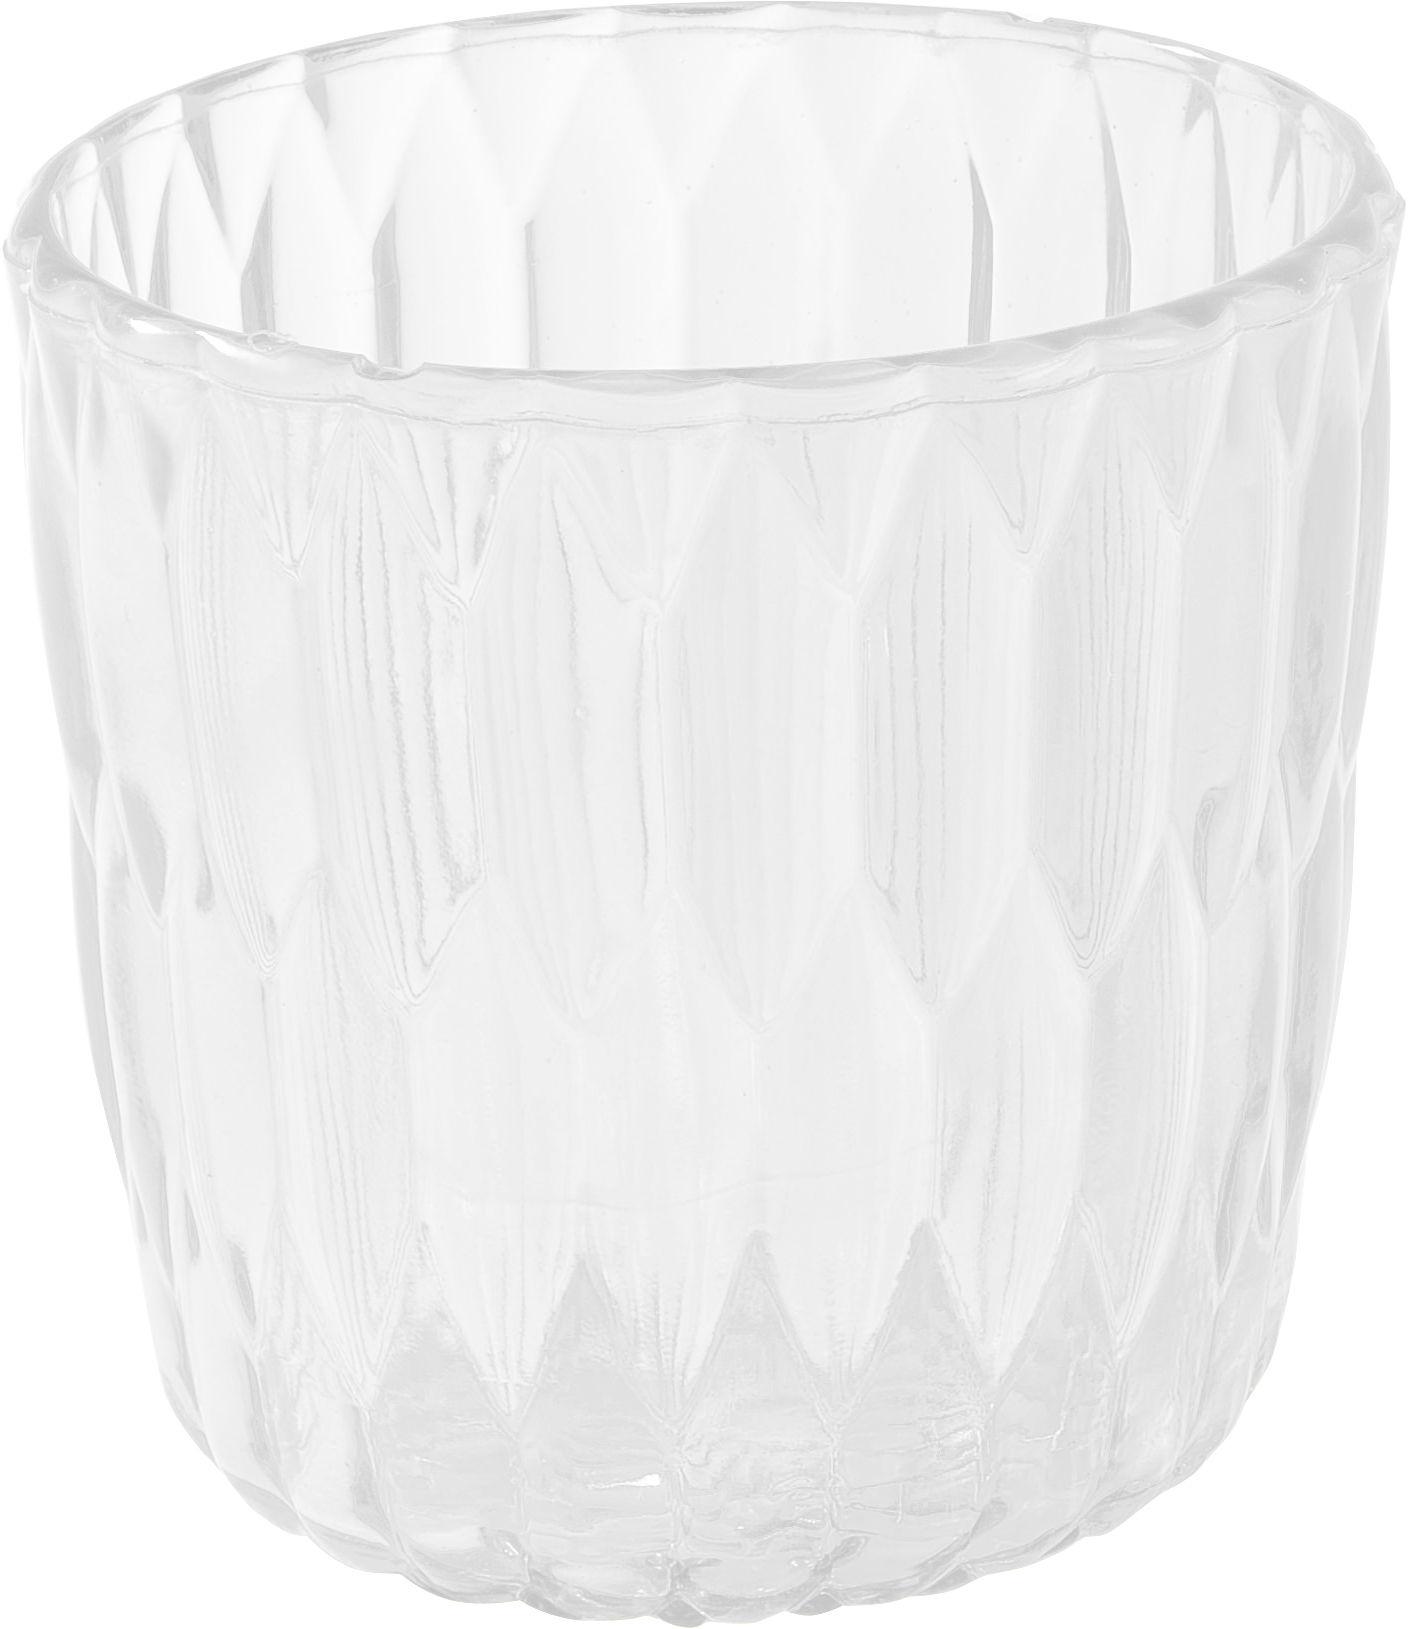 Interni - Vasi - Vaso Jelly - /Secchiello per ghiaccio / Cestino di Kartell - Cristallo - PMMA